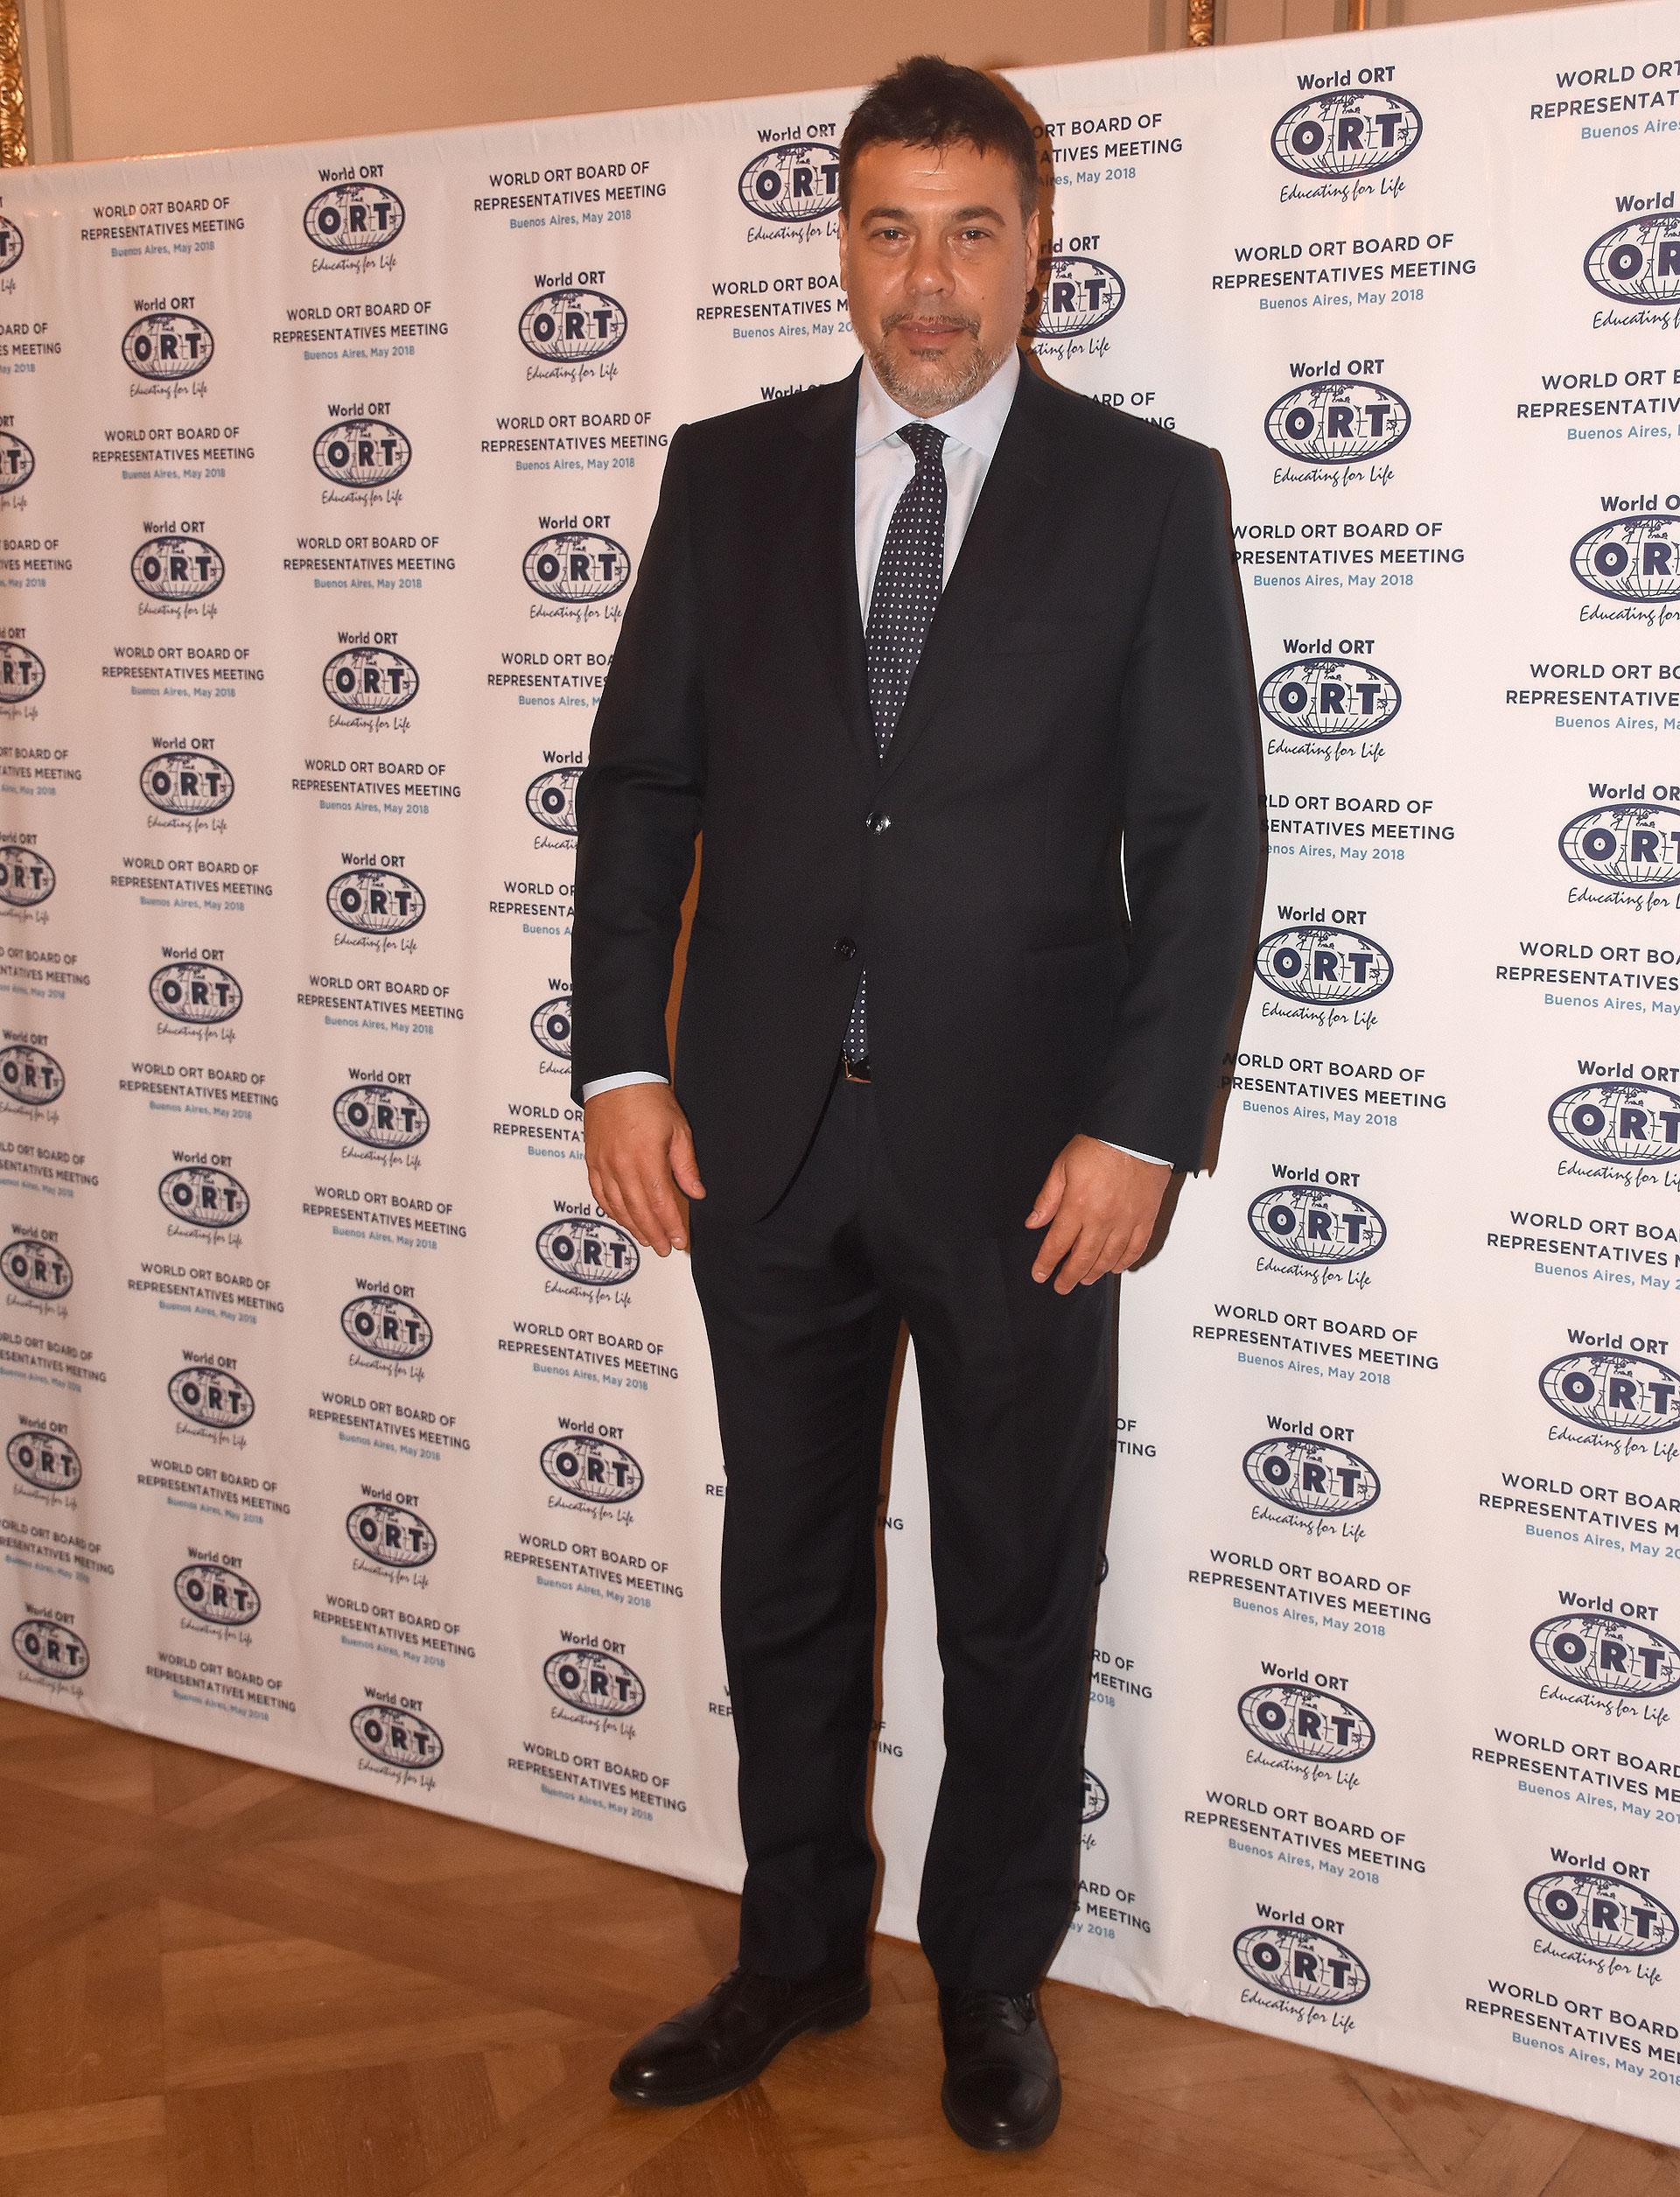 El presidente del consejo de administración de ORT Mundial, Darío Werthein